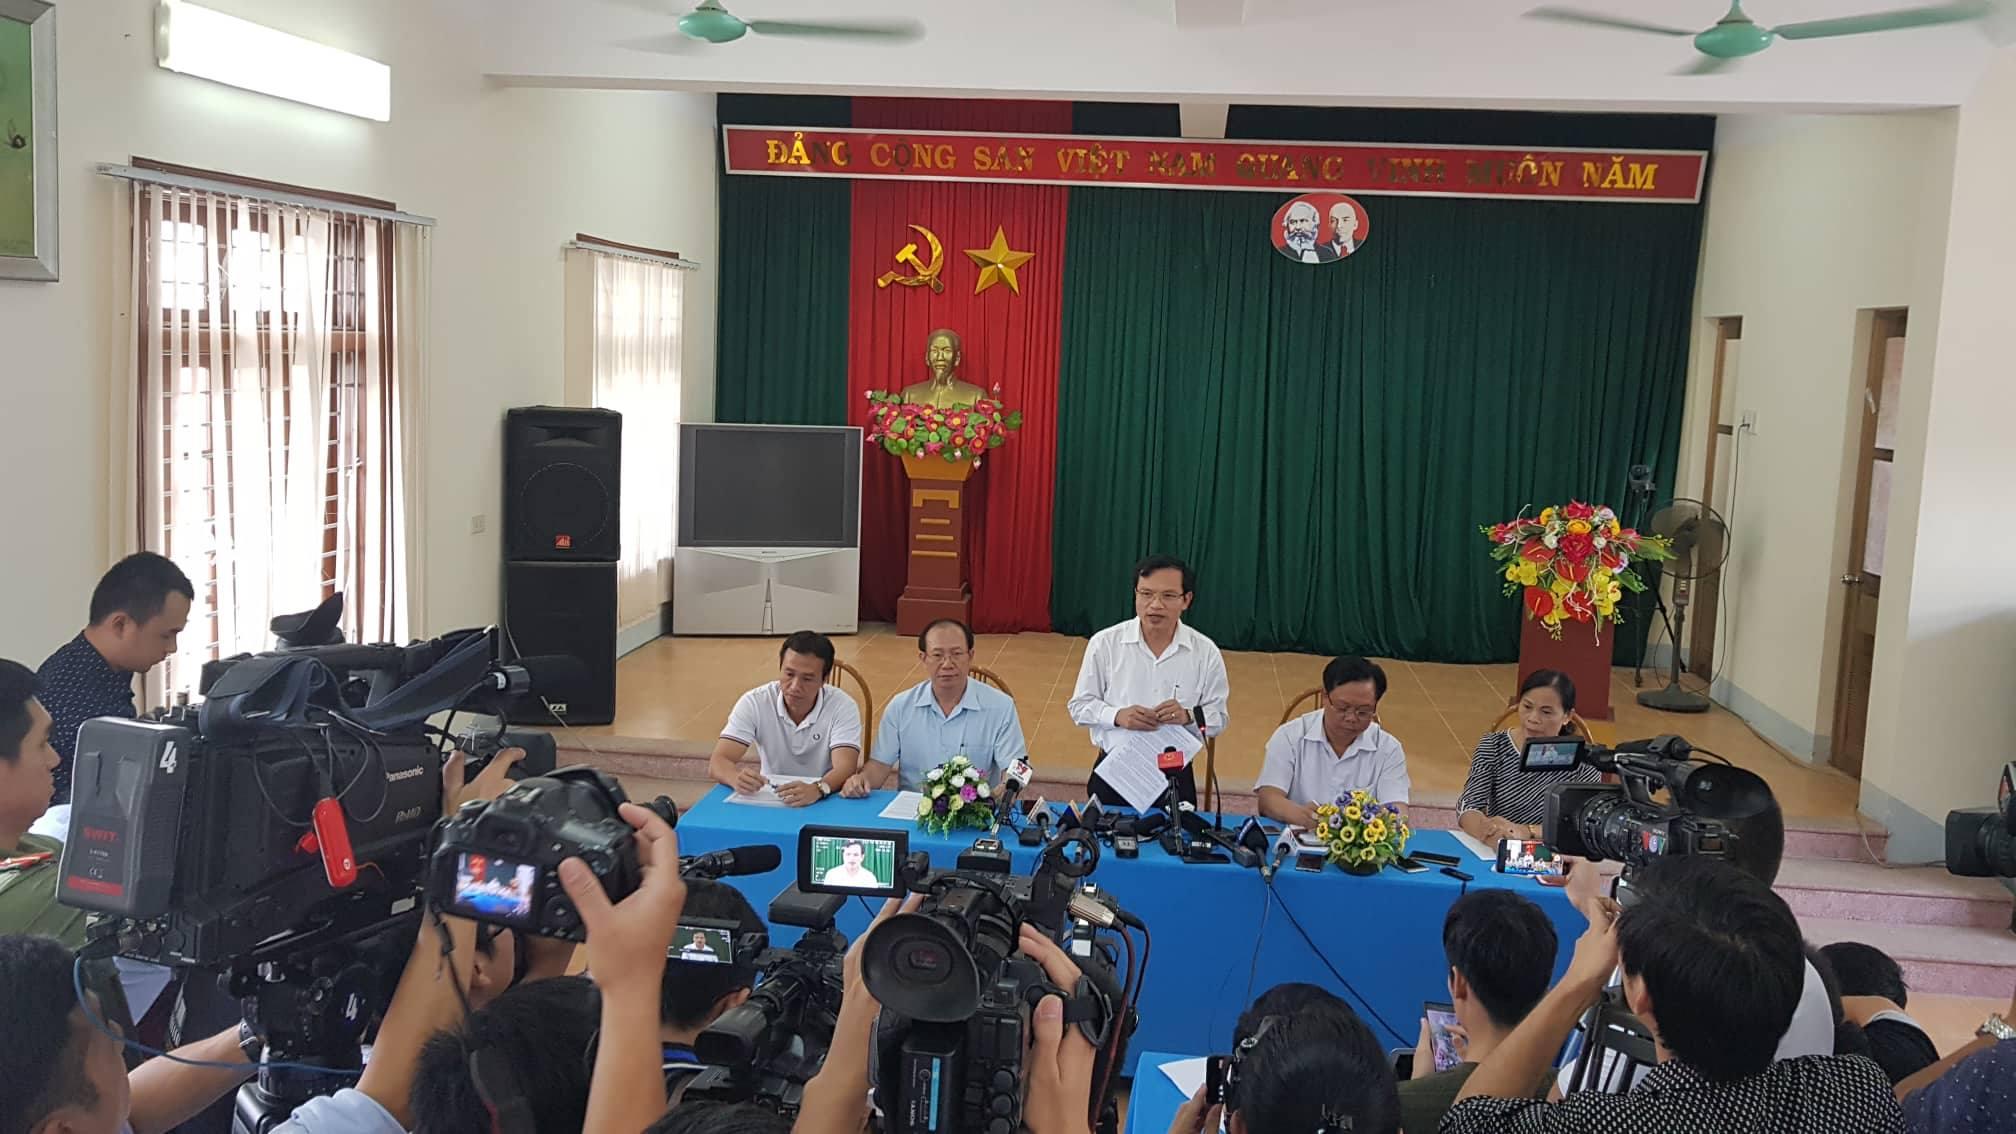 Ông Mai Văn Trinh chủ trì buổi họp báo công bố kết luận điểm thi cao bất thường ở Sơn La trưa 23/7.